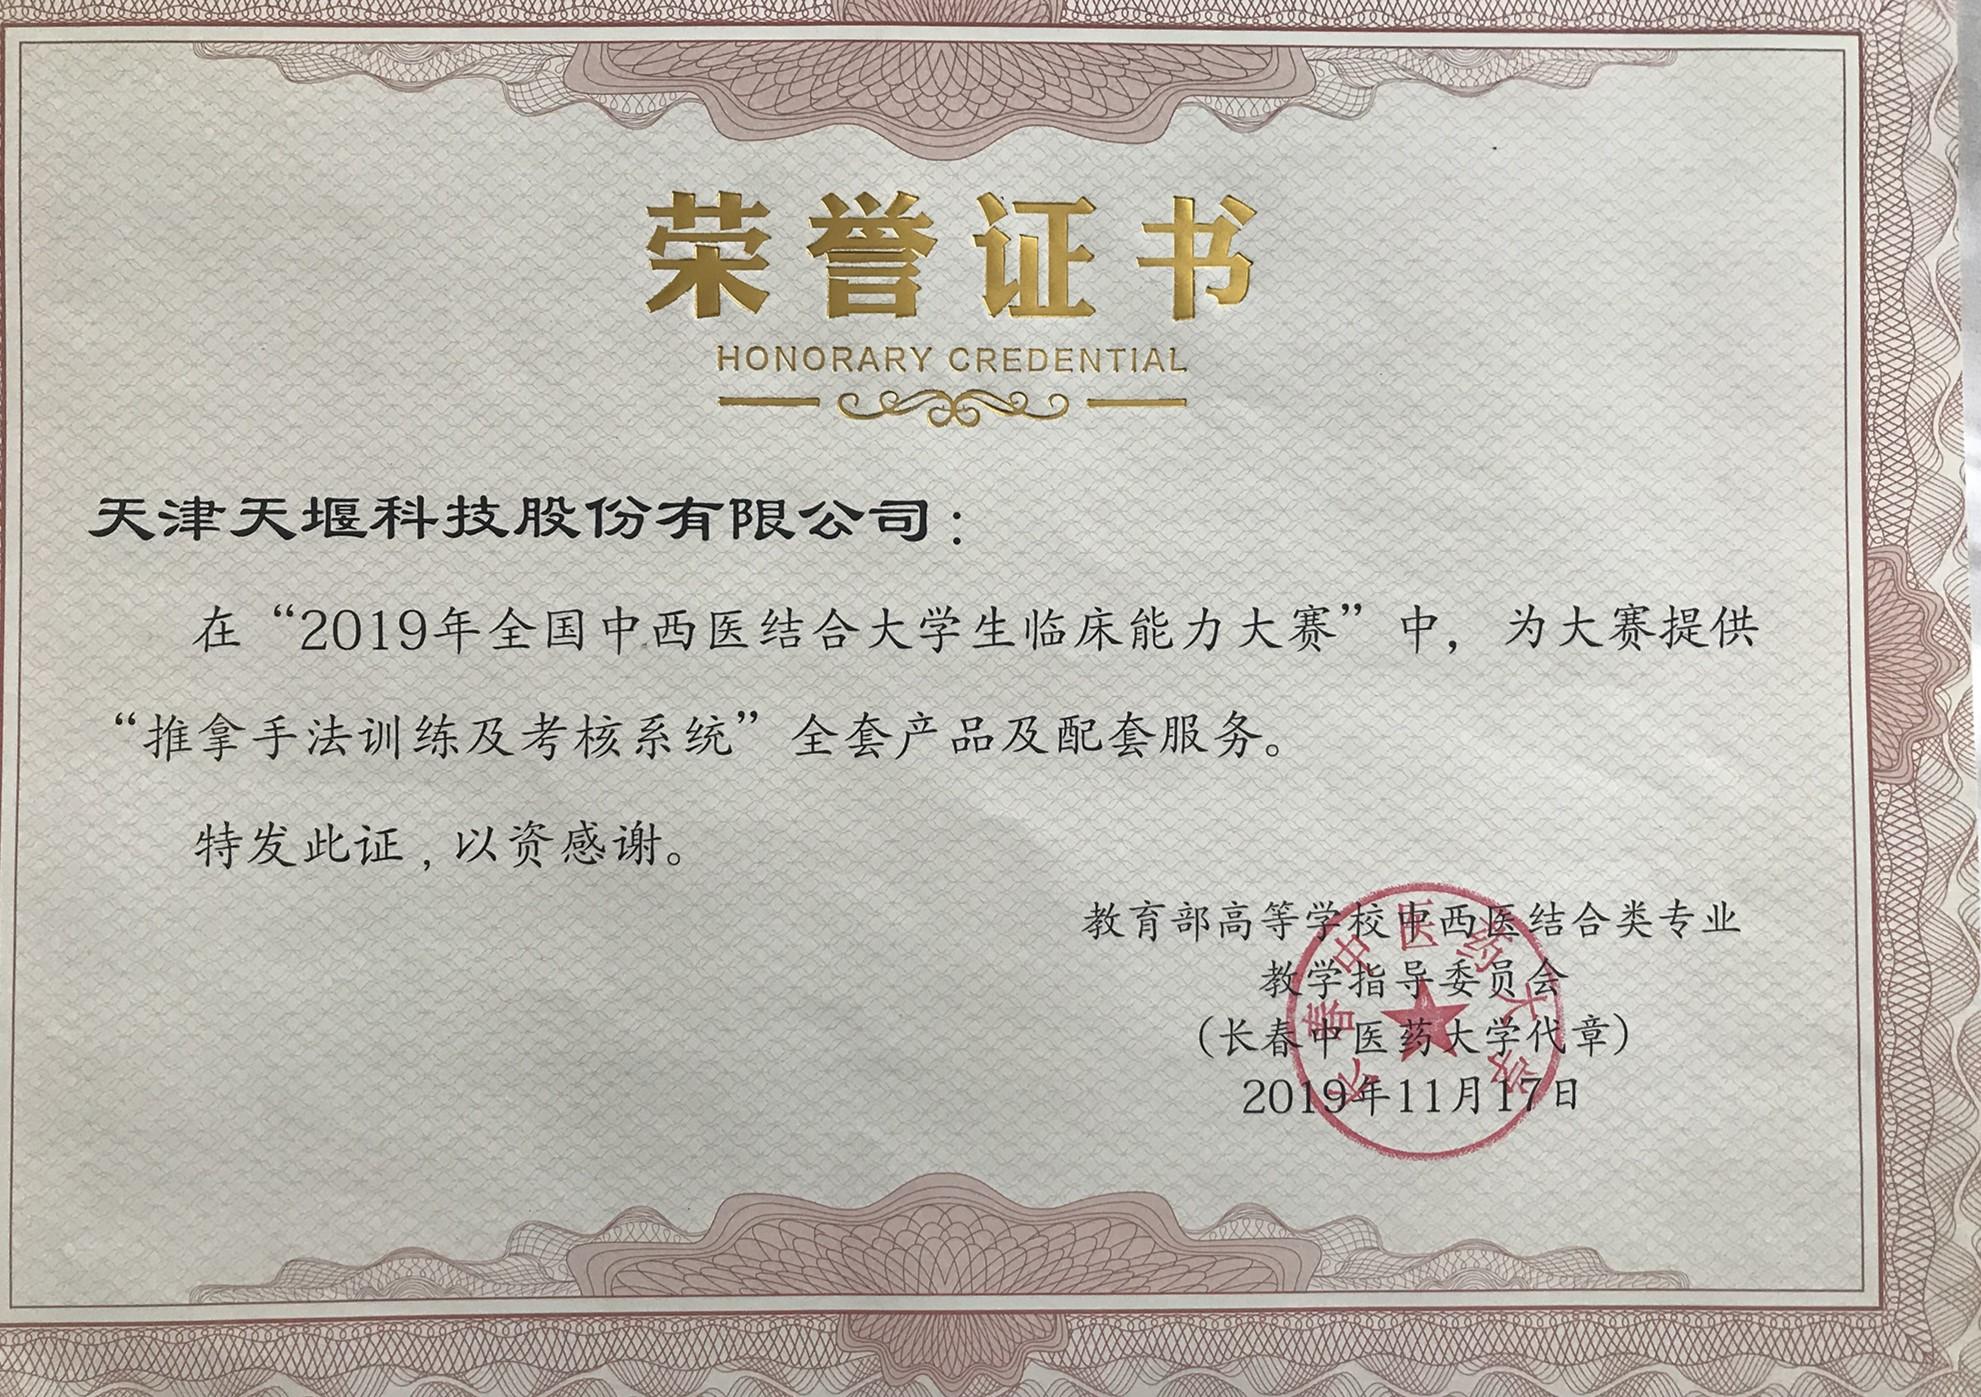 榮(rong)譽證(zheng)書(shu)